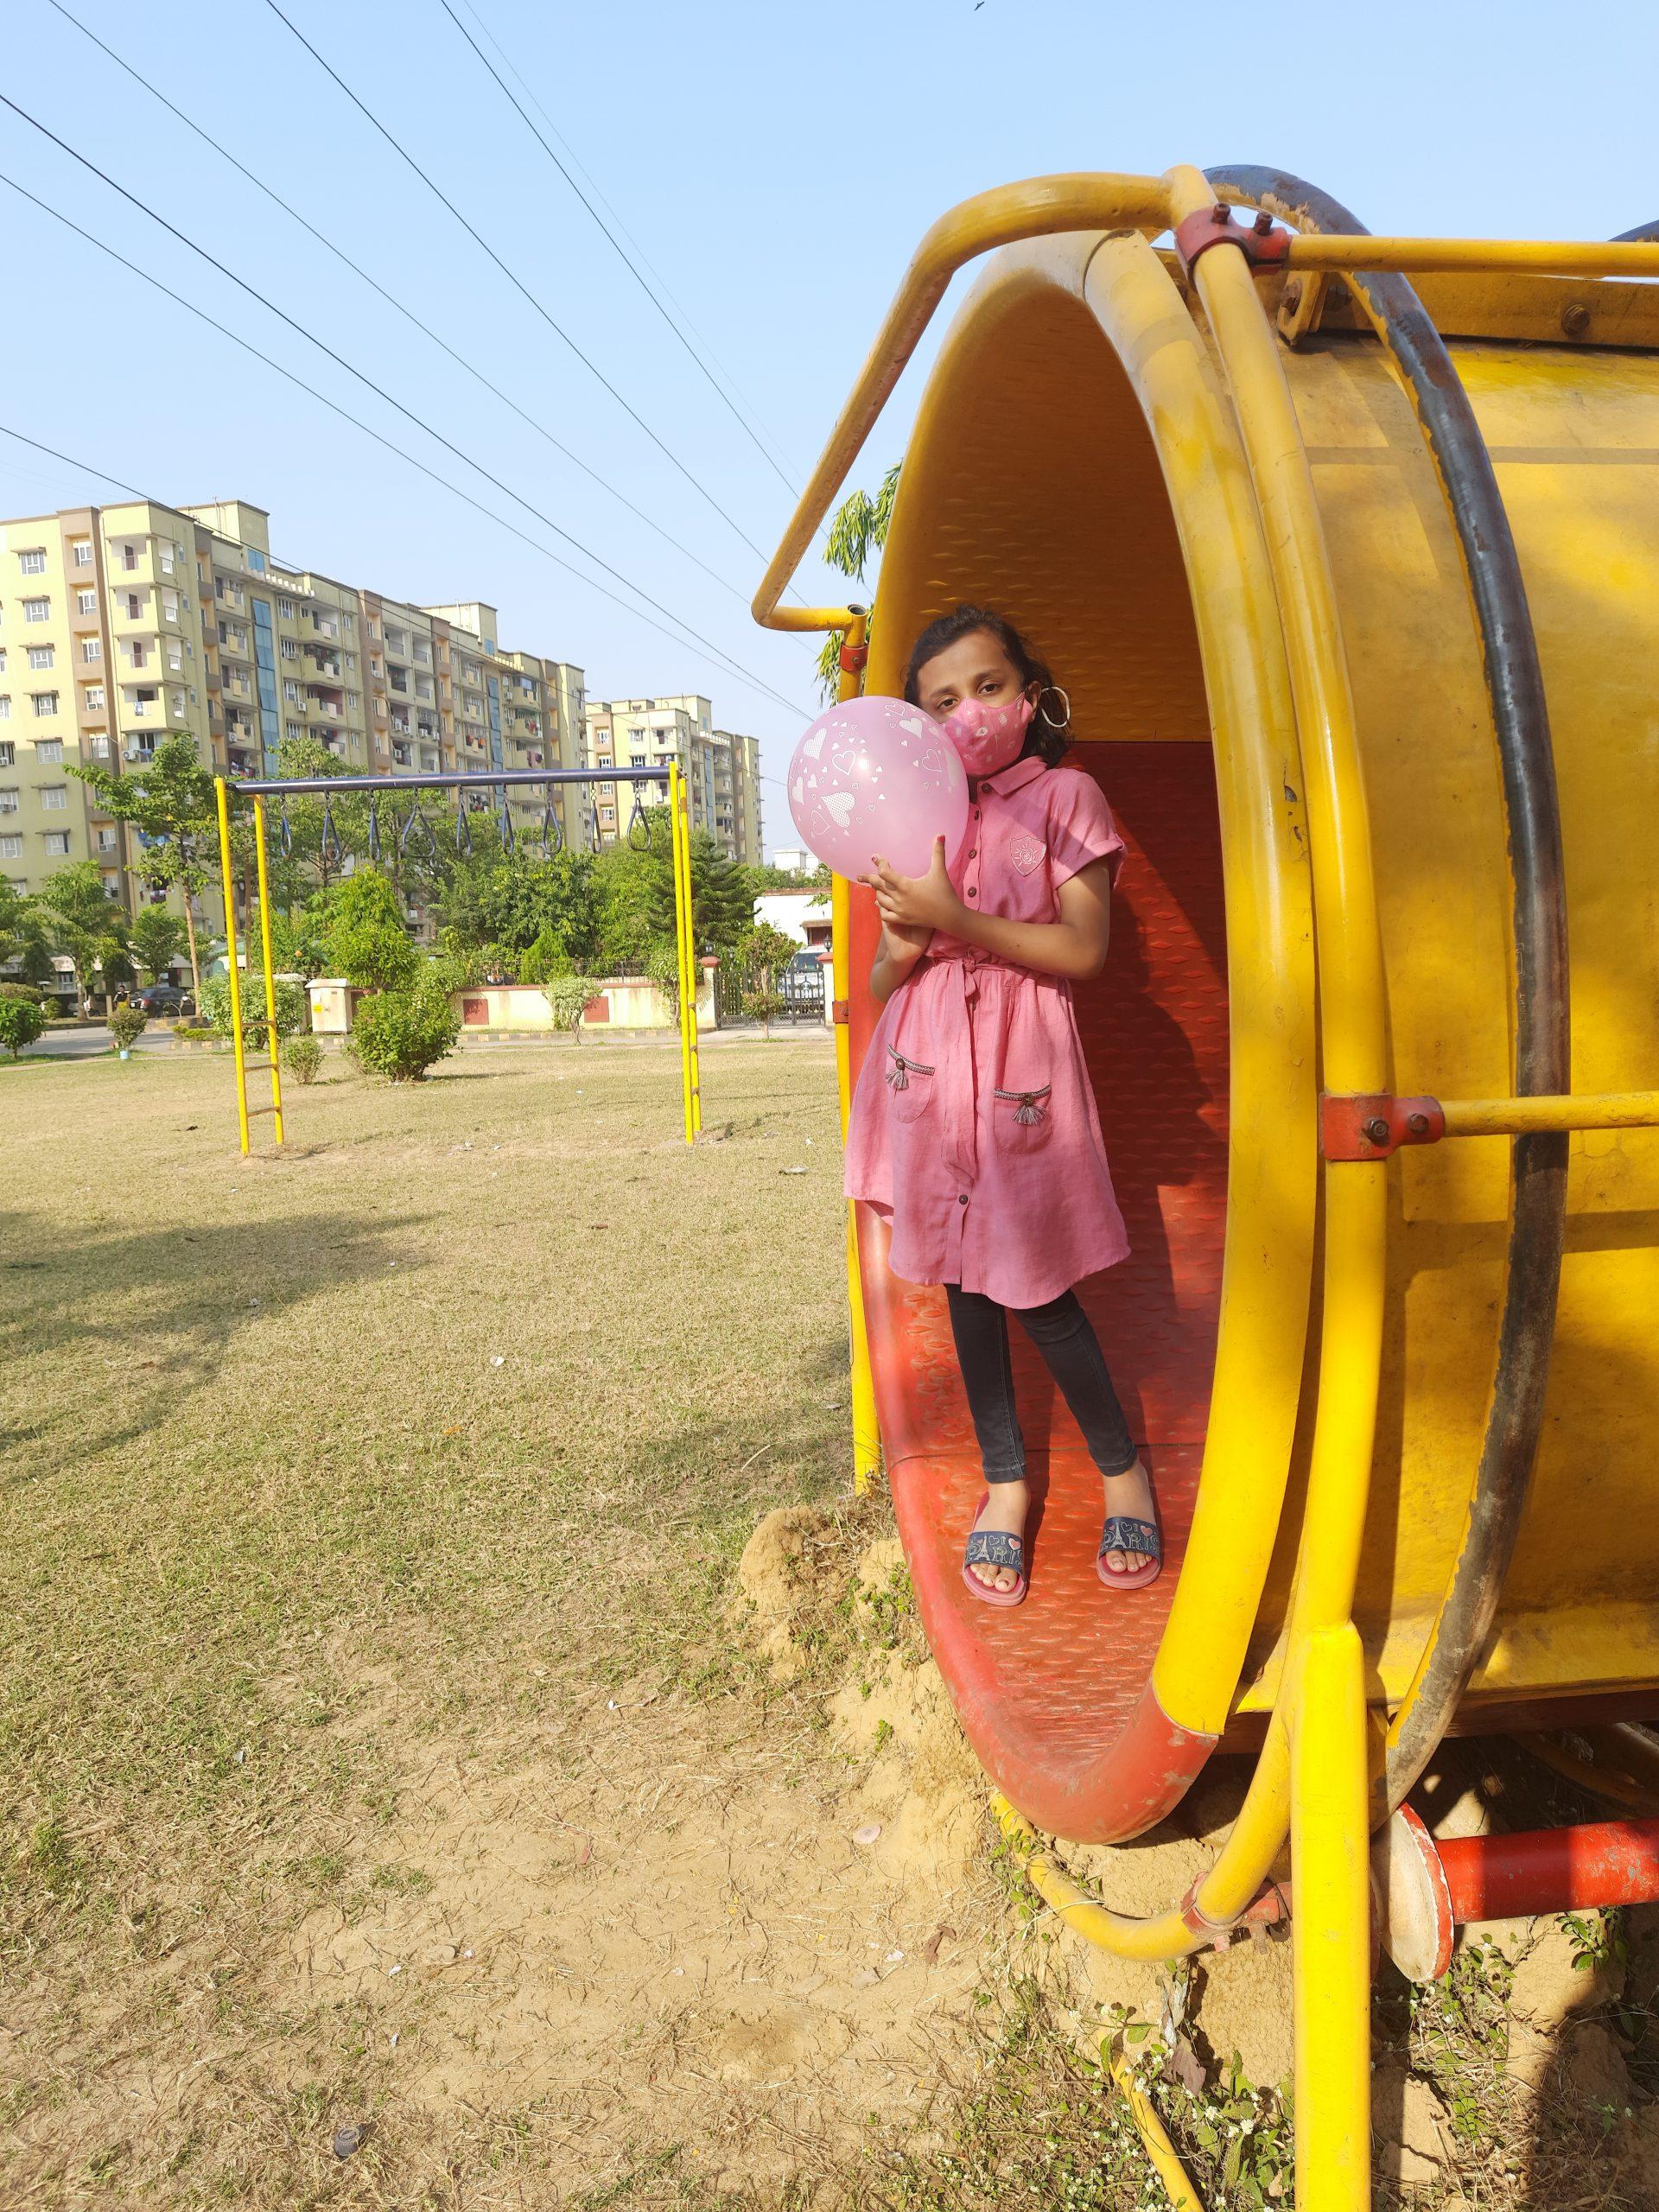 A girl in an amusement